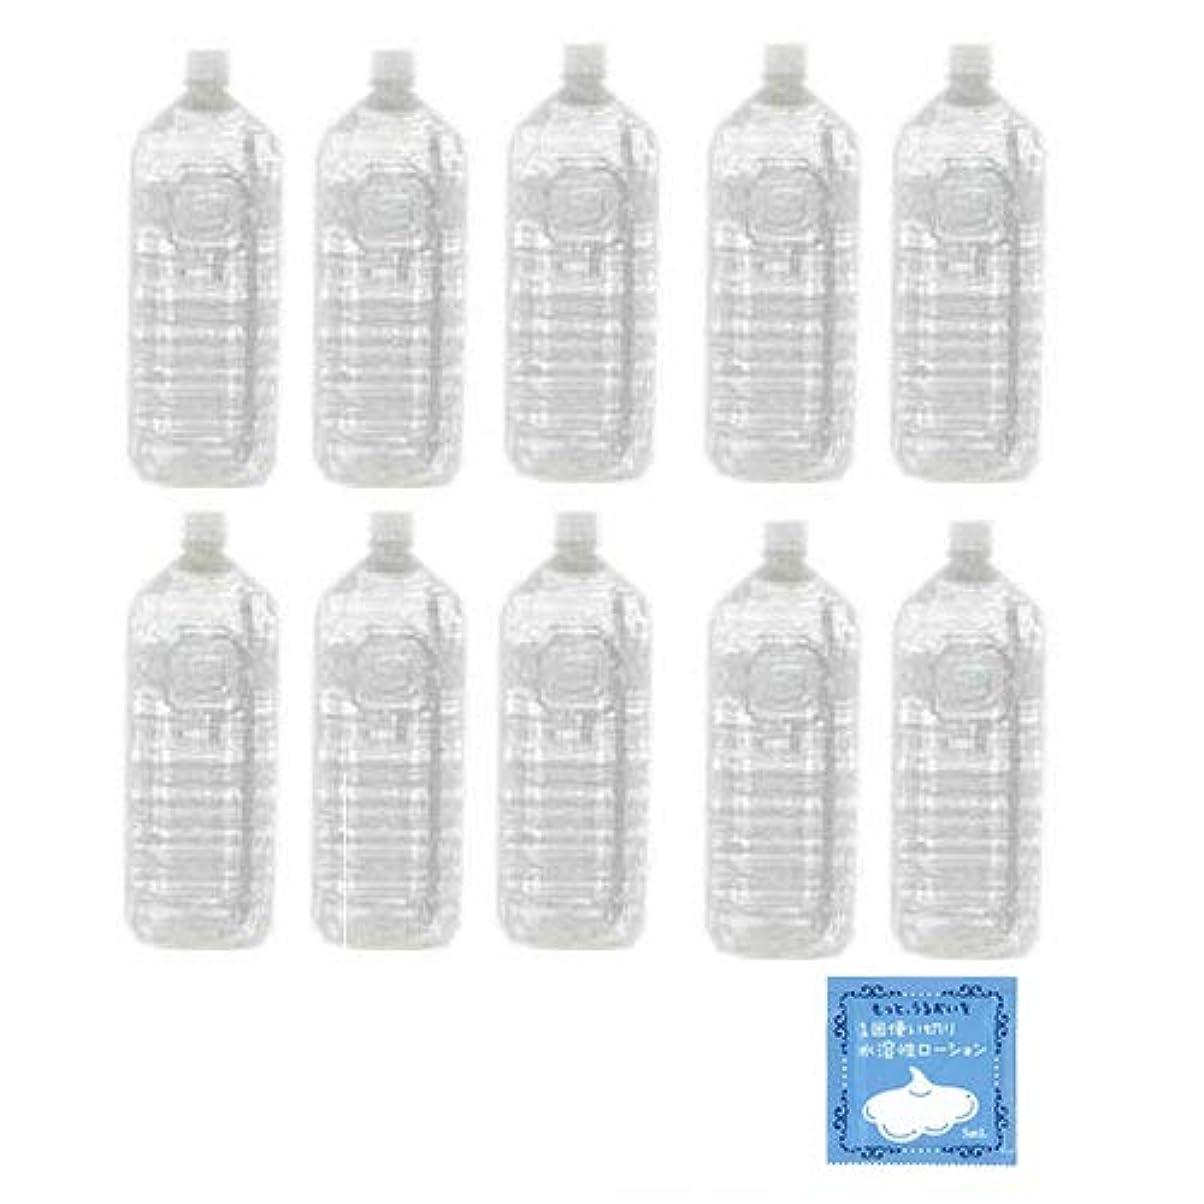 申請中パキスタン避けられないクリアローション 2Lペットボトル ソフトタイプ 業務用ローション× 10本セット+ 1回使い切り水溶性潤滑ローション